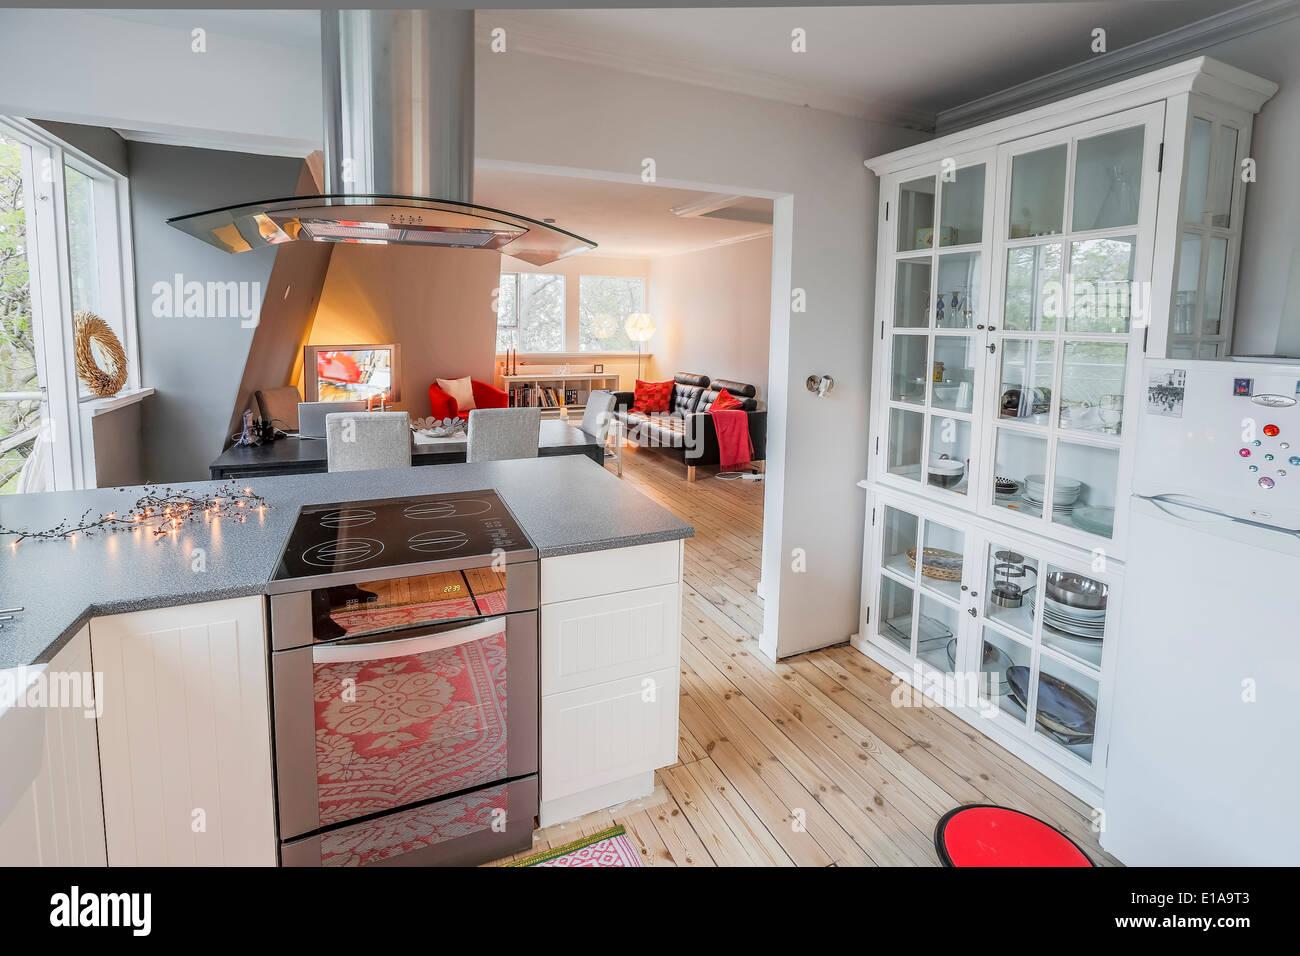 Groß Küche Thema Dekor Sets Bilder - Ideen Für Die Küche Dekoration ...